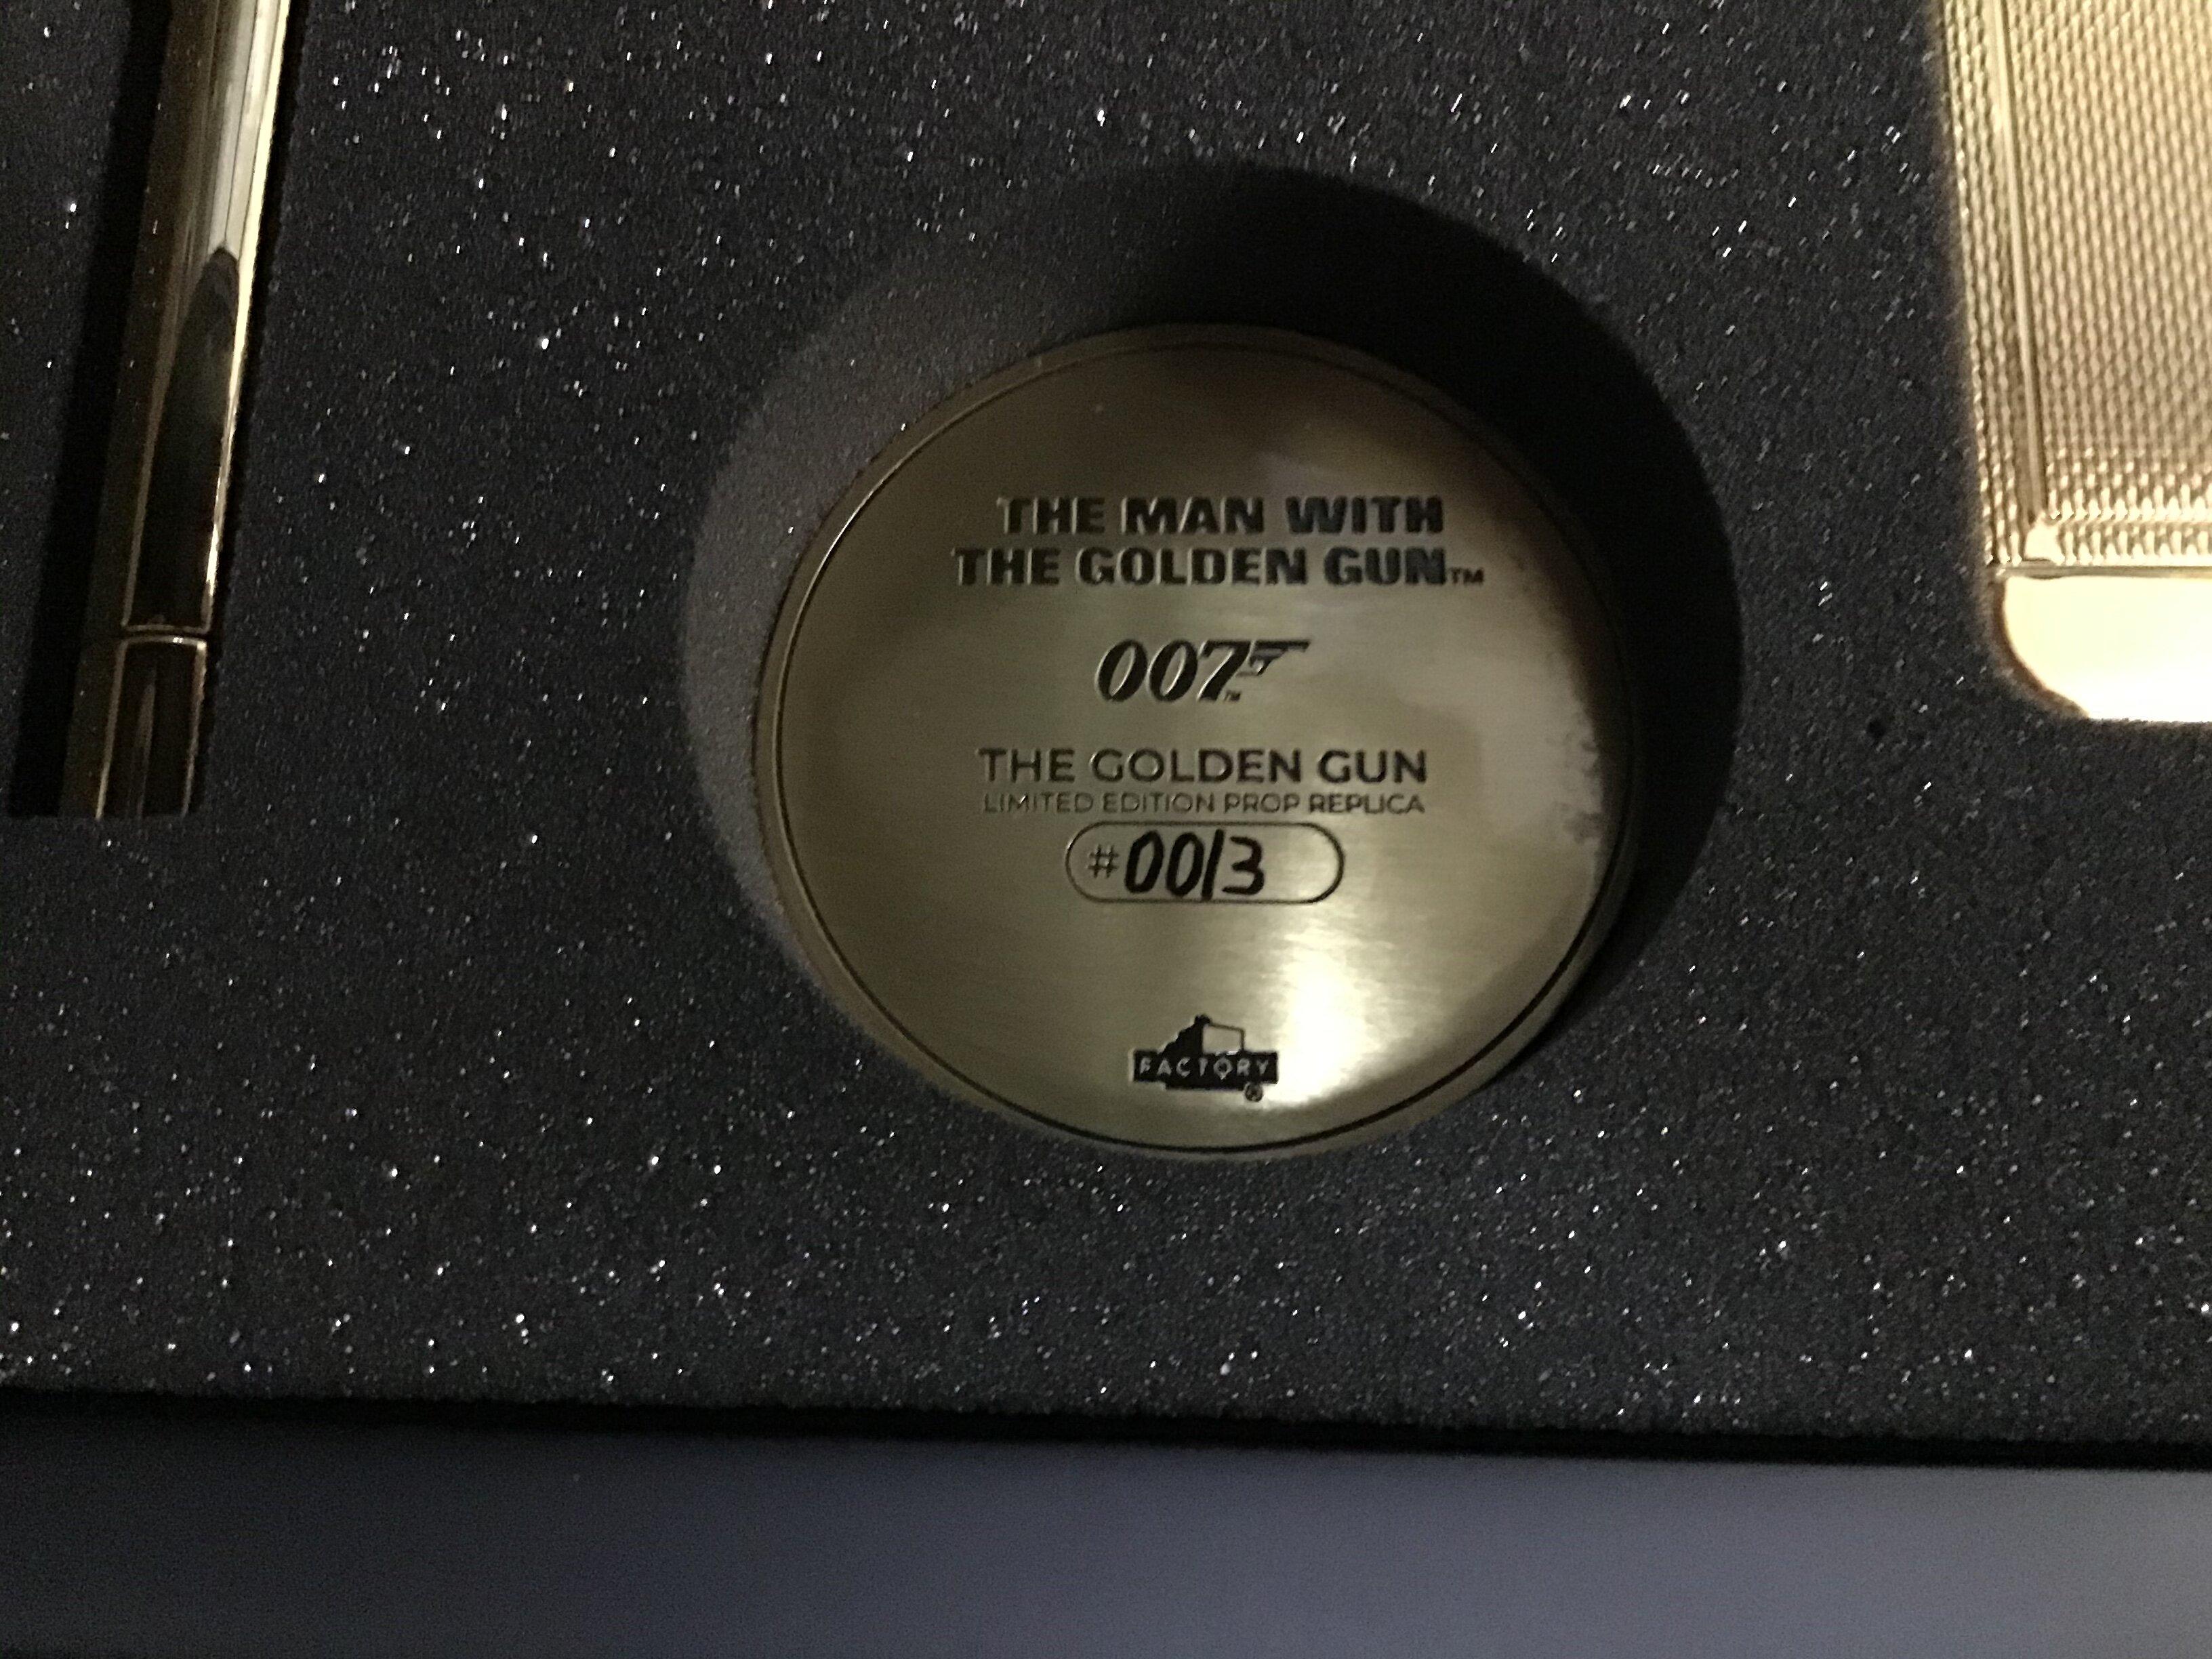 8FA4994F-C73F-4C3E-92D3-2878AB743FE6.jpeg